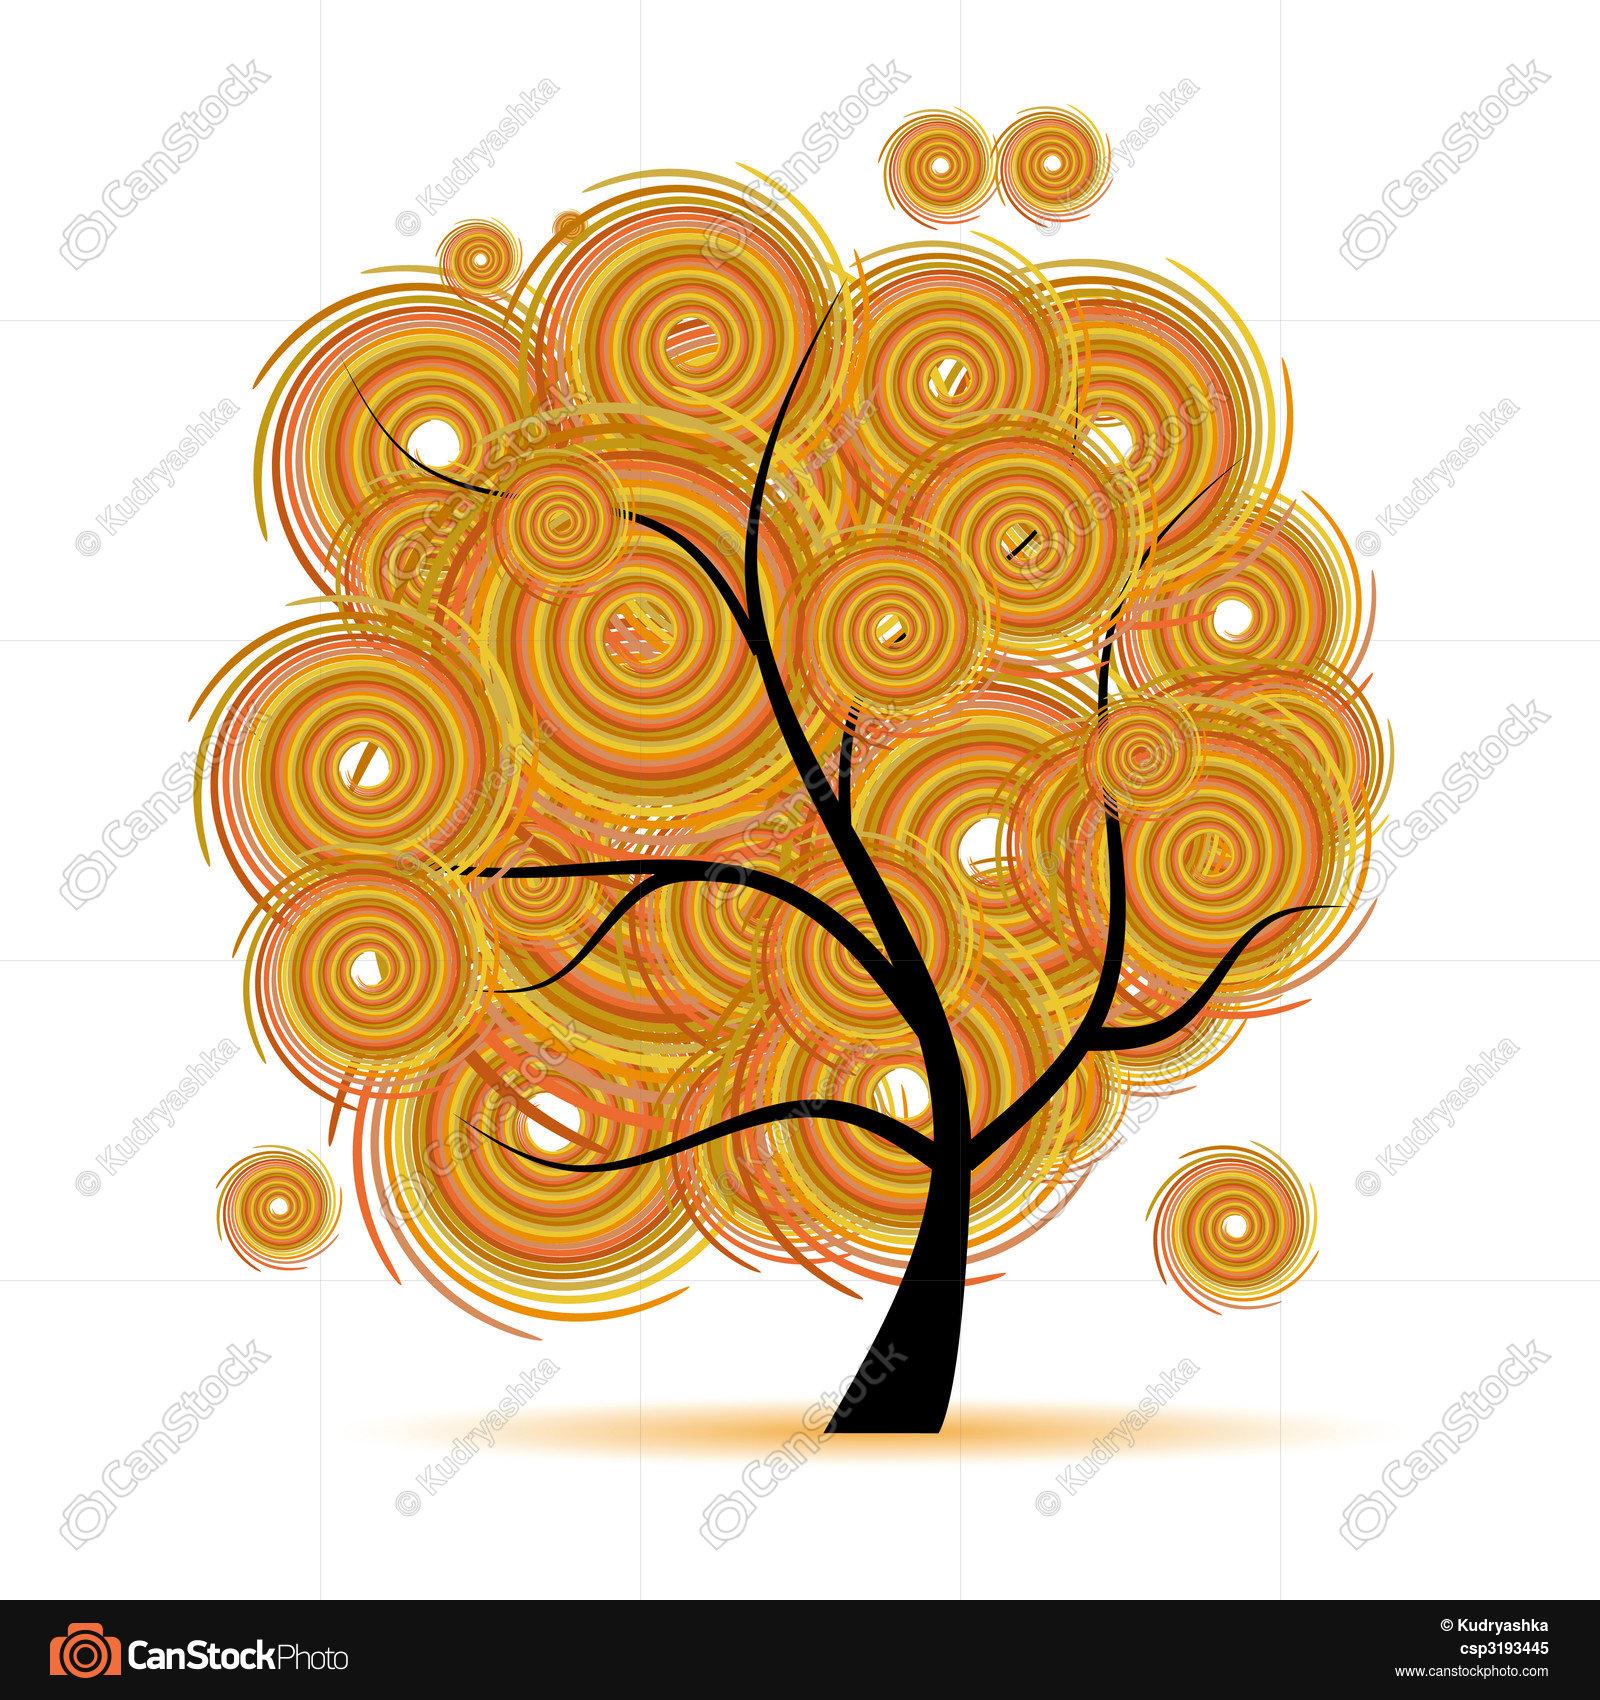 Art tree fantasy, autumn season clipart vector - Search Illustration ...